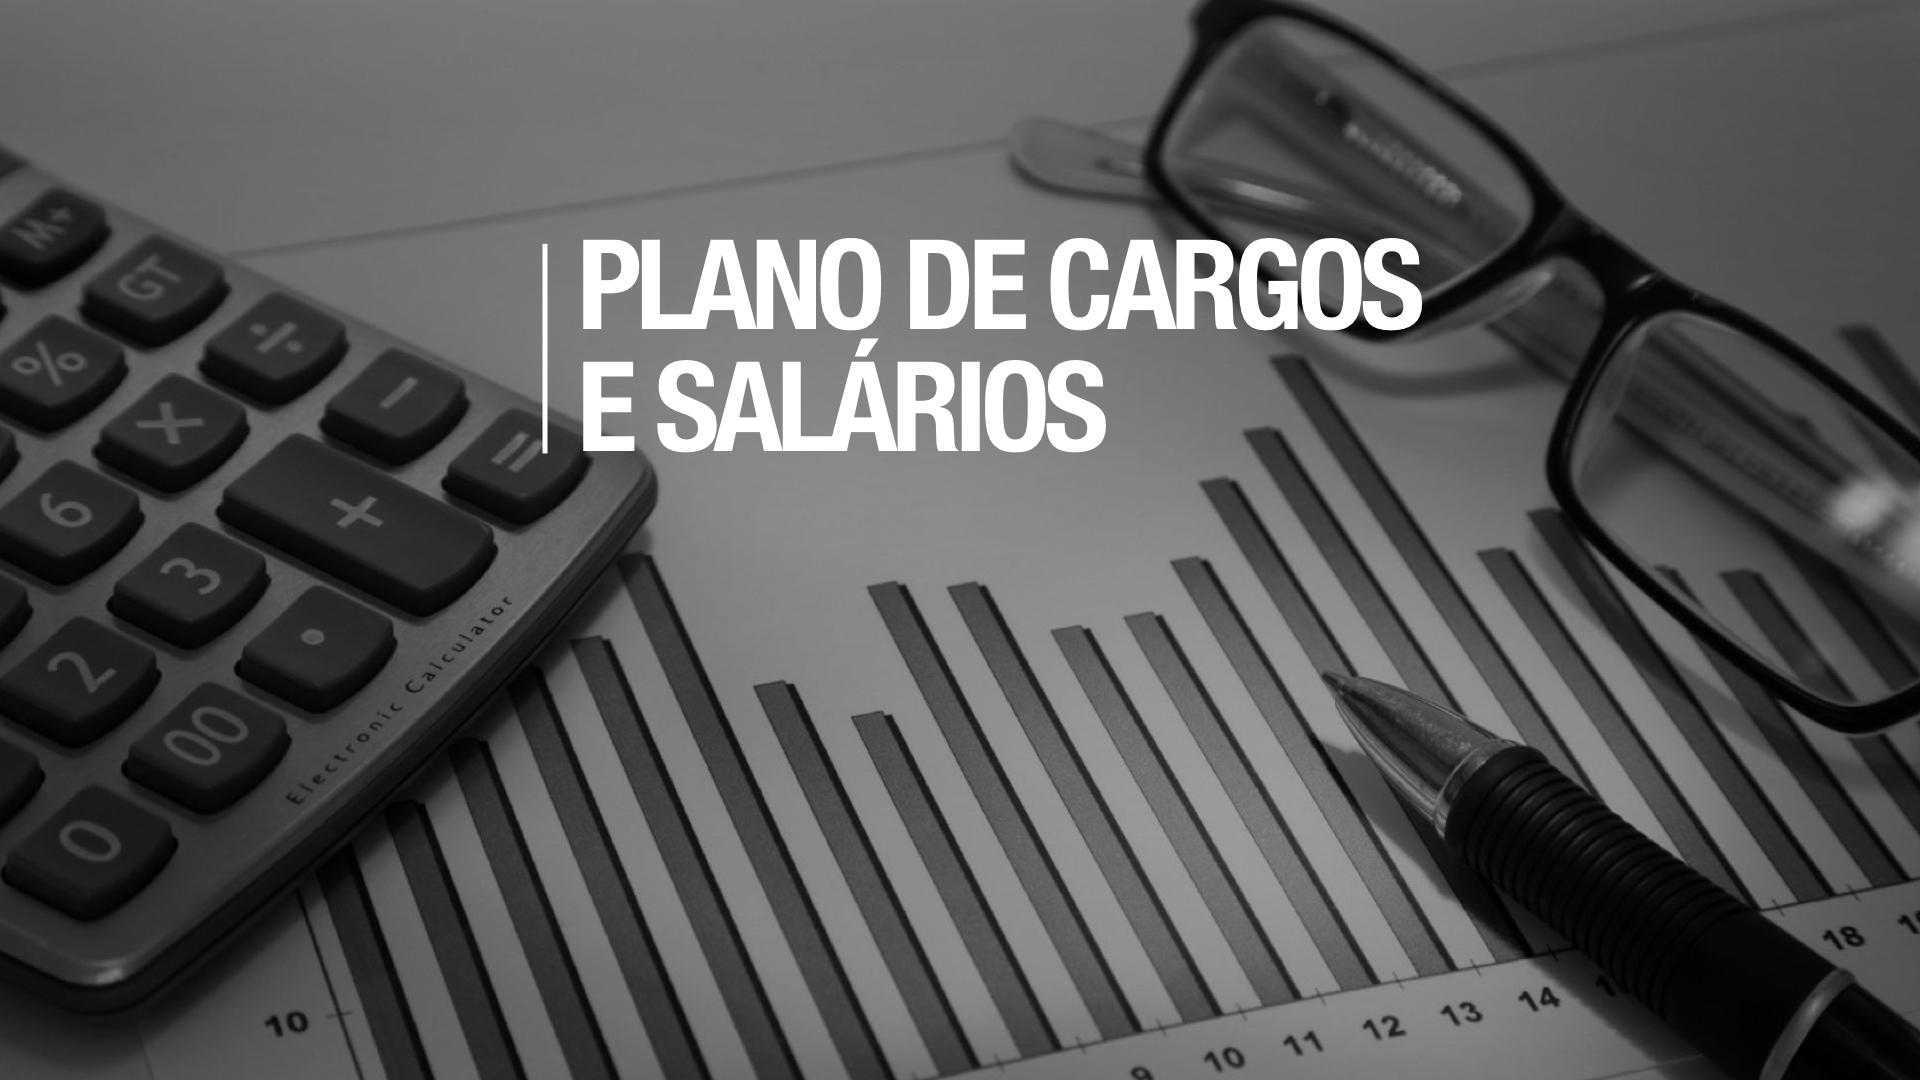 PCS NOTA DE ESCLARECIMENTO